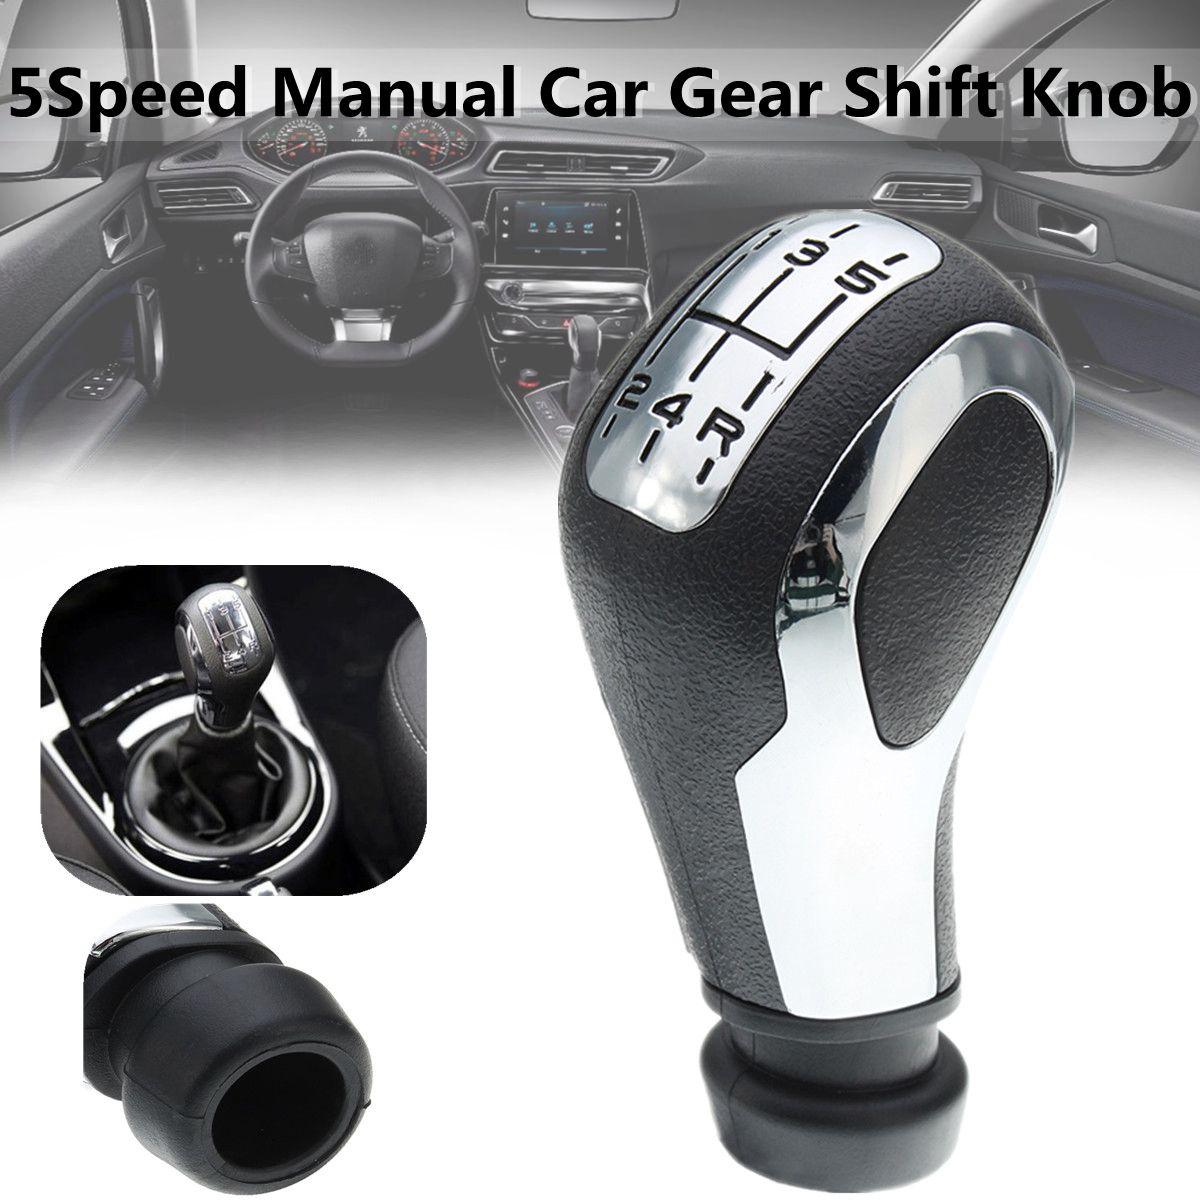 5 Speed Chrome Mt Auto Pookknop Hoofd Shifter Lever Stick Voor Peugeot 106 206 206cc 207 307 407 Klanten Eerst